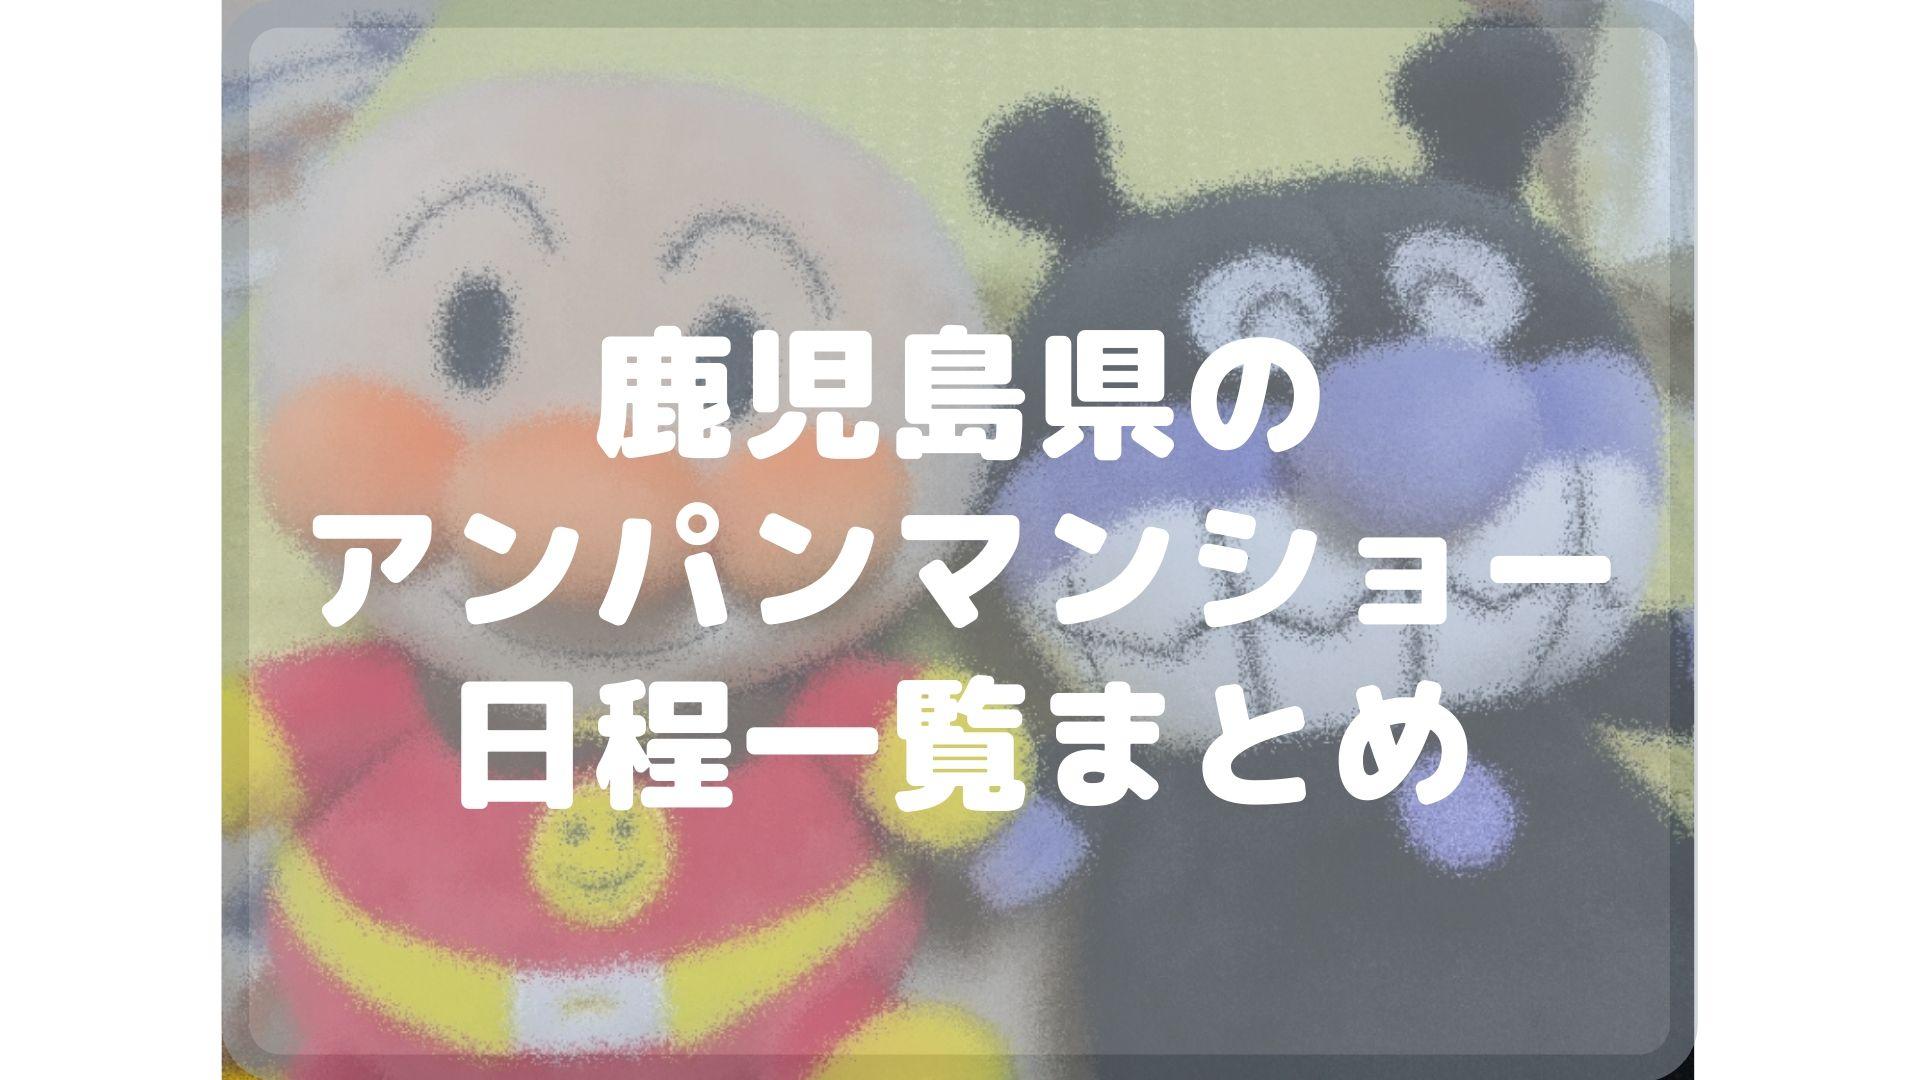 鹿児島県のアンパンマンショーまとめタイトル画像